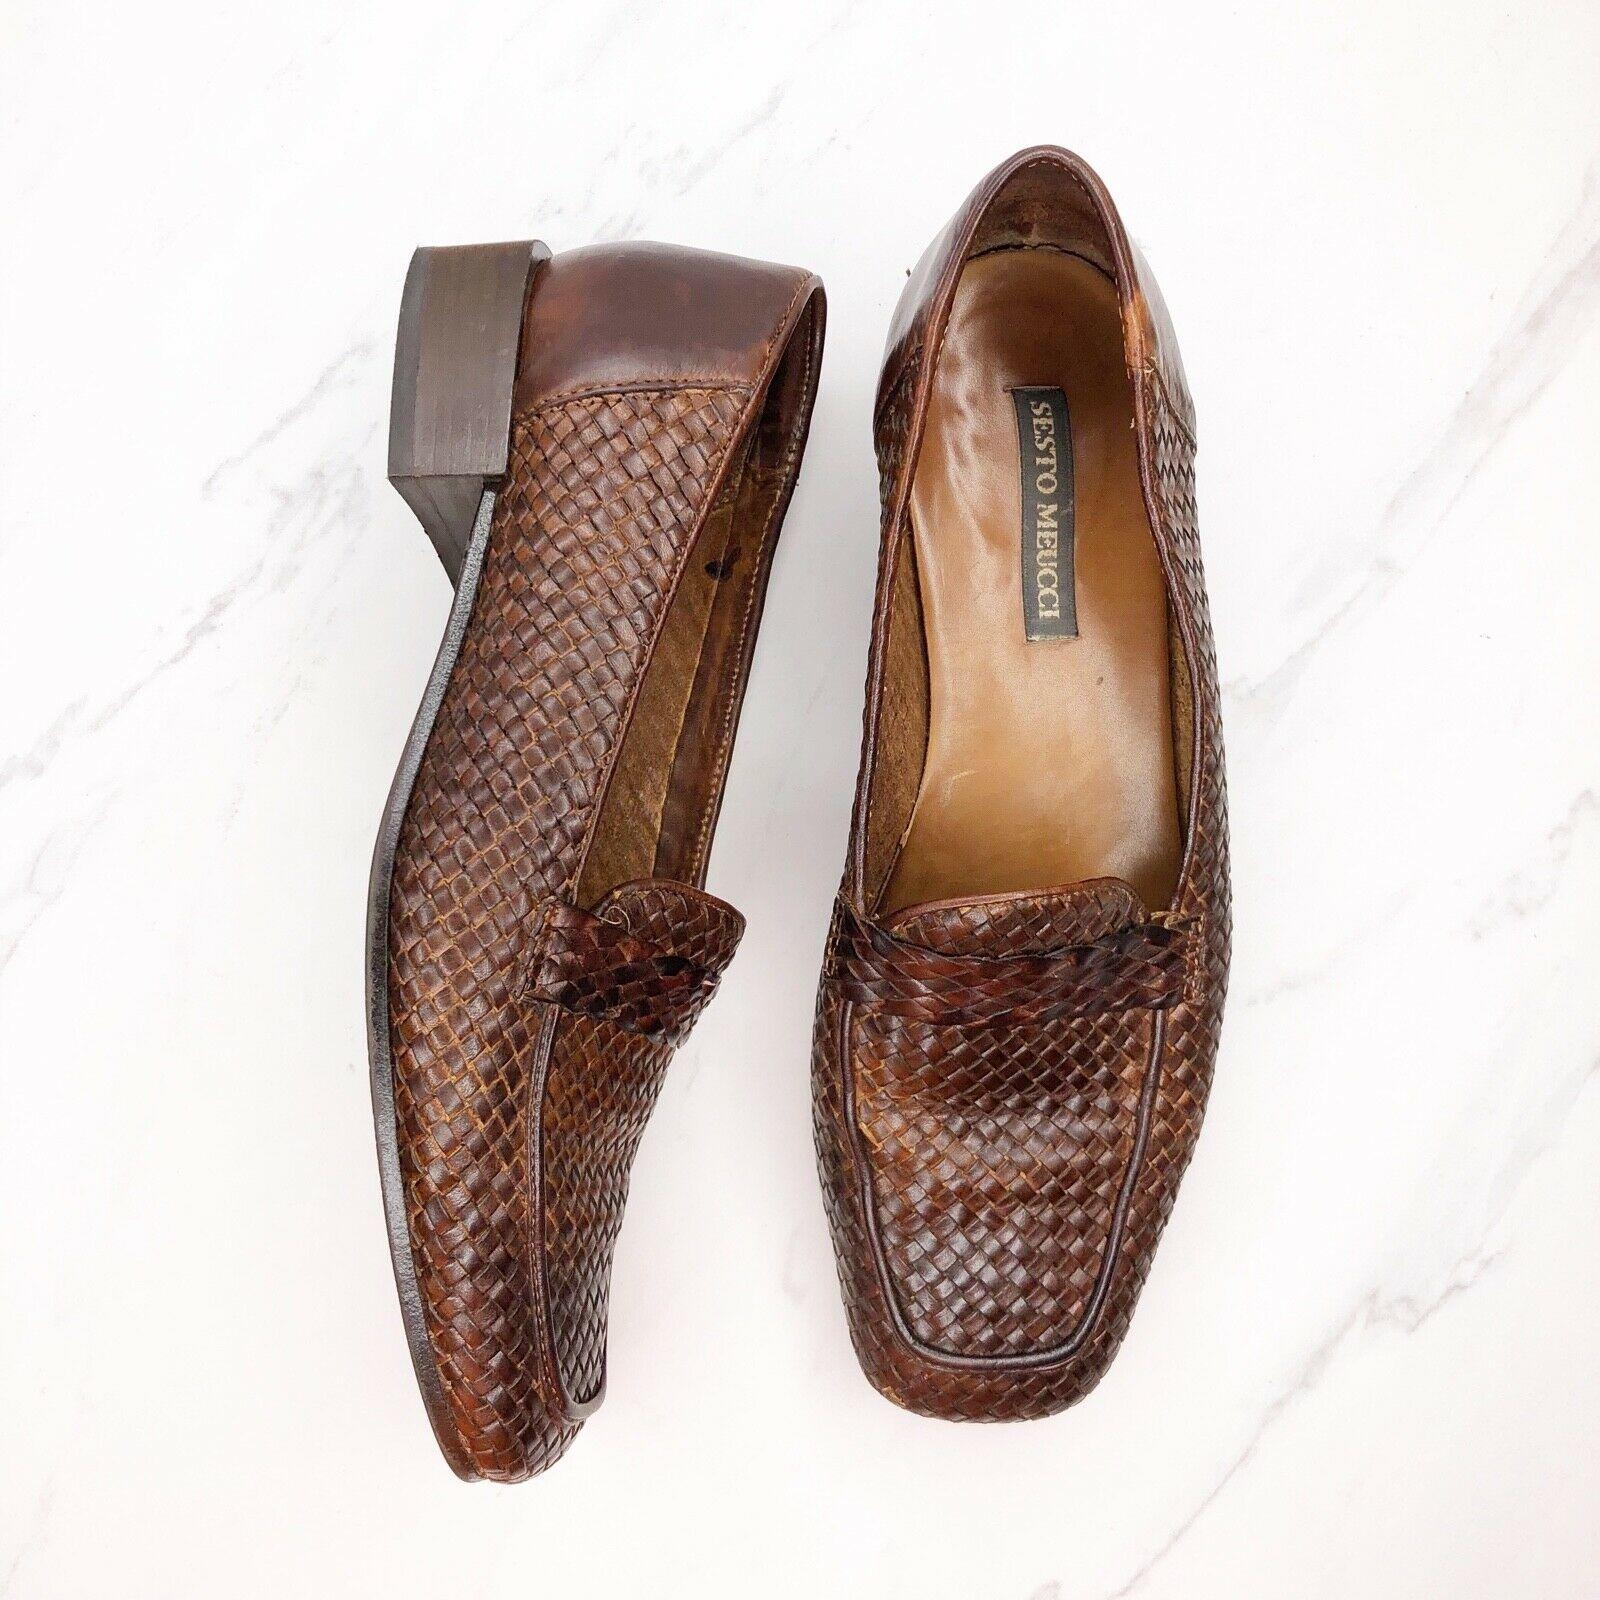 05c15392b36 Sesto Meucci Shoes: 31 listings